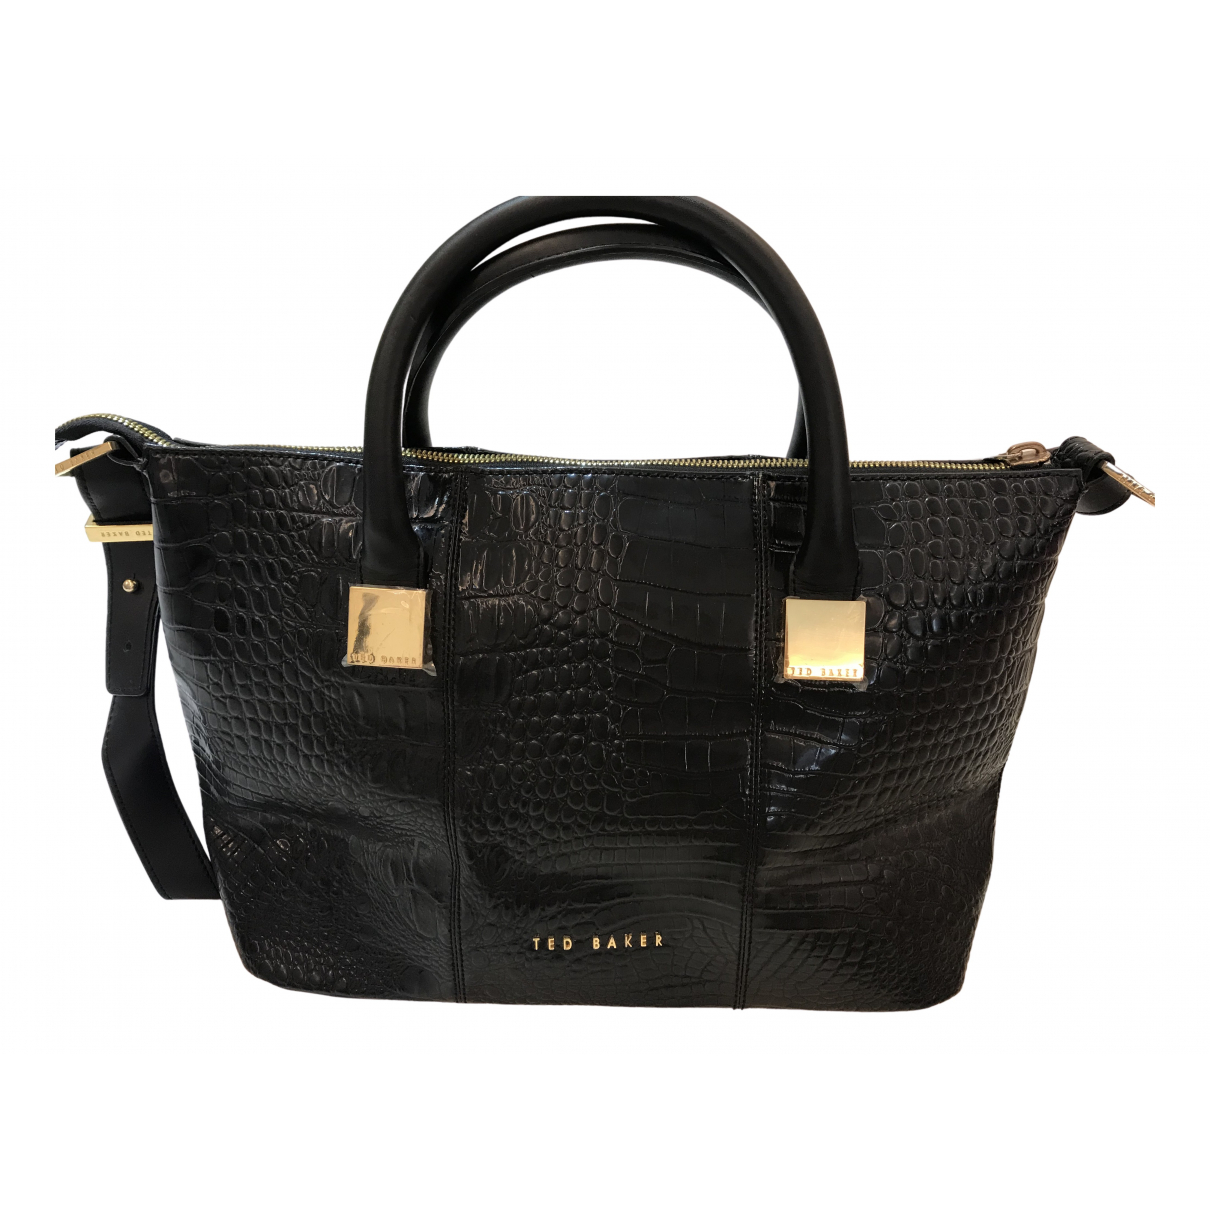 Ted Baker \N Handtasche in  Schwarz Leder